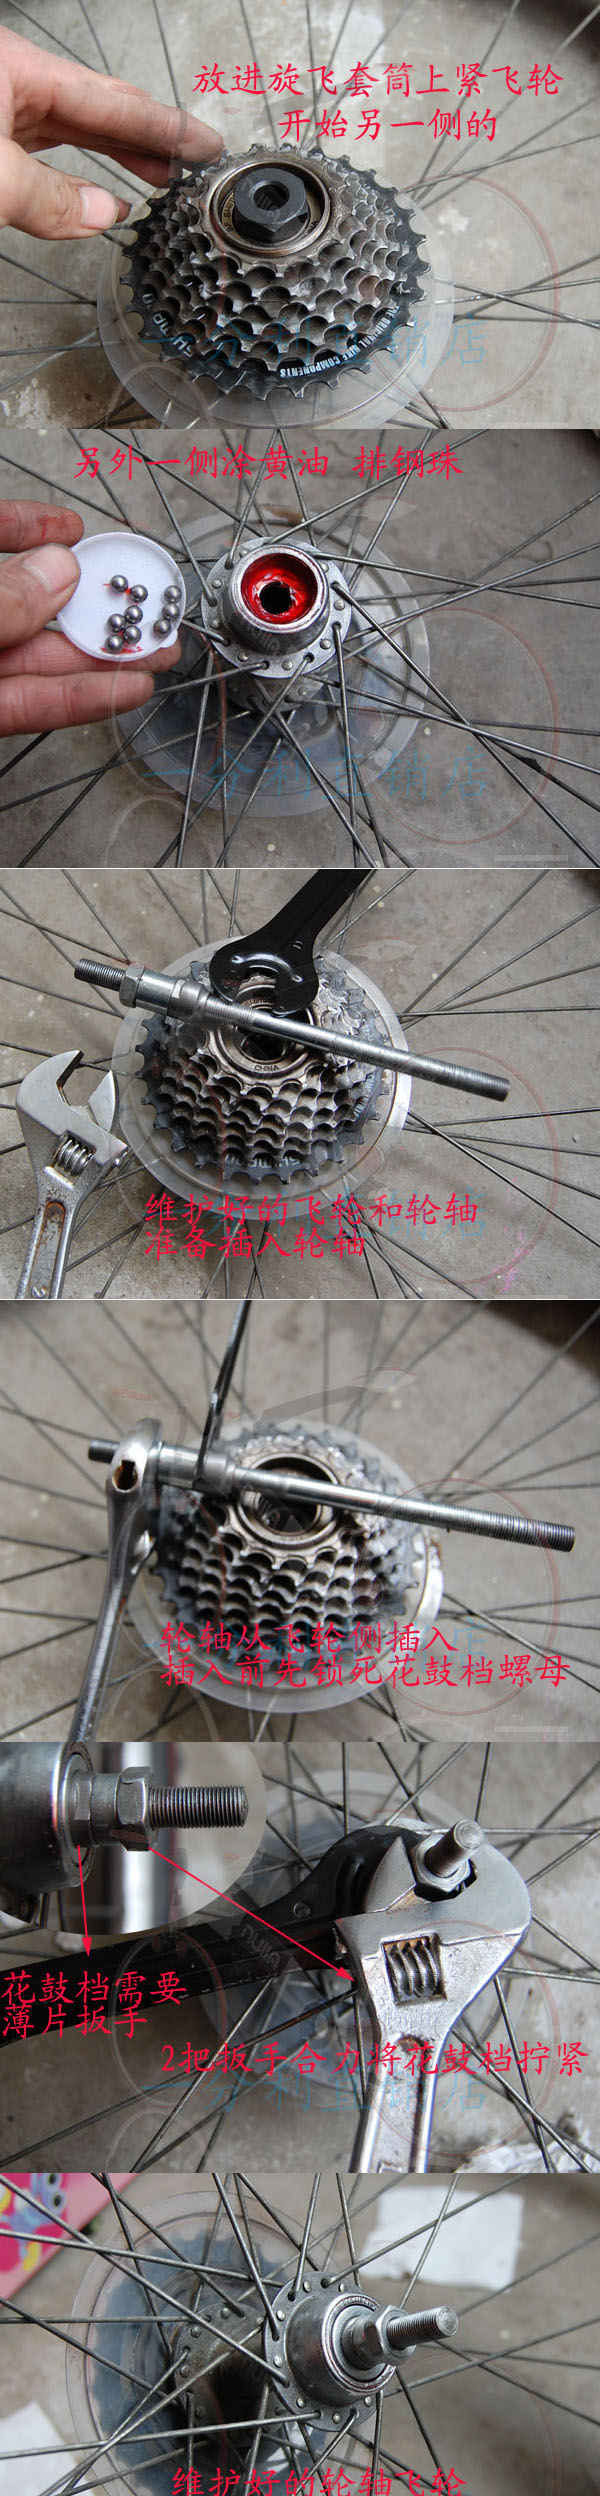 山地车自行车花鼓轮轴后轴维修拆卸图文教程 - 第2张    老实人创客